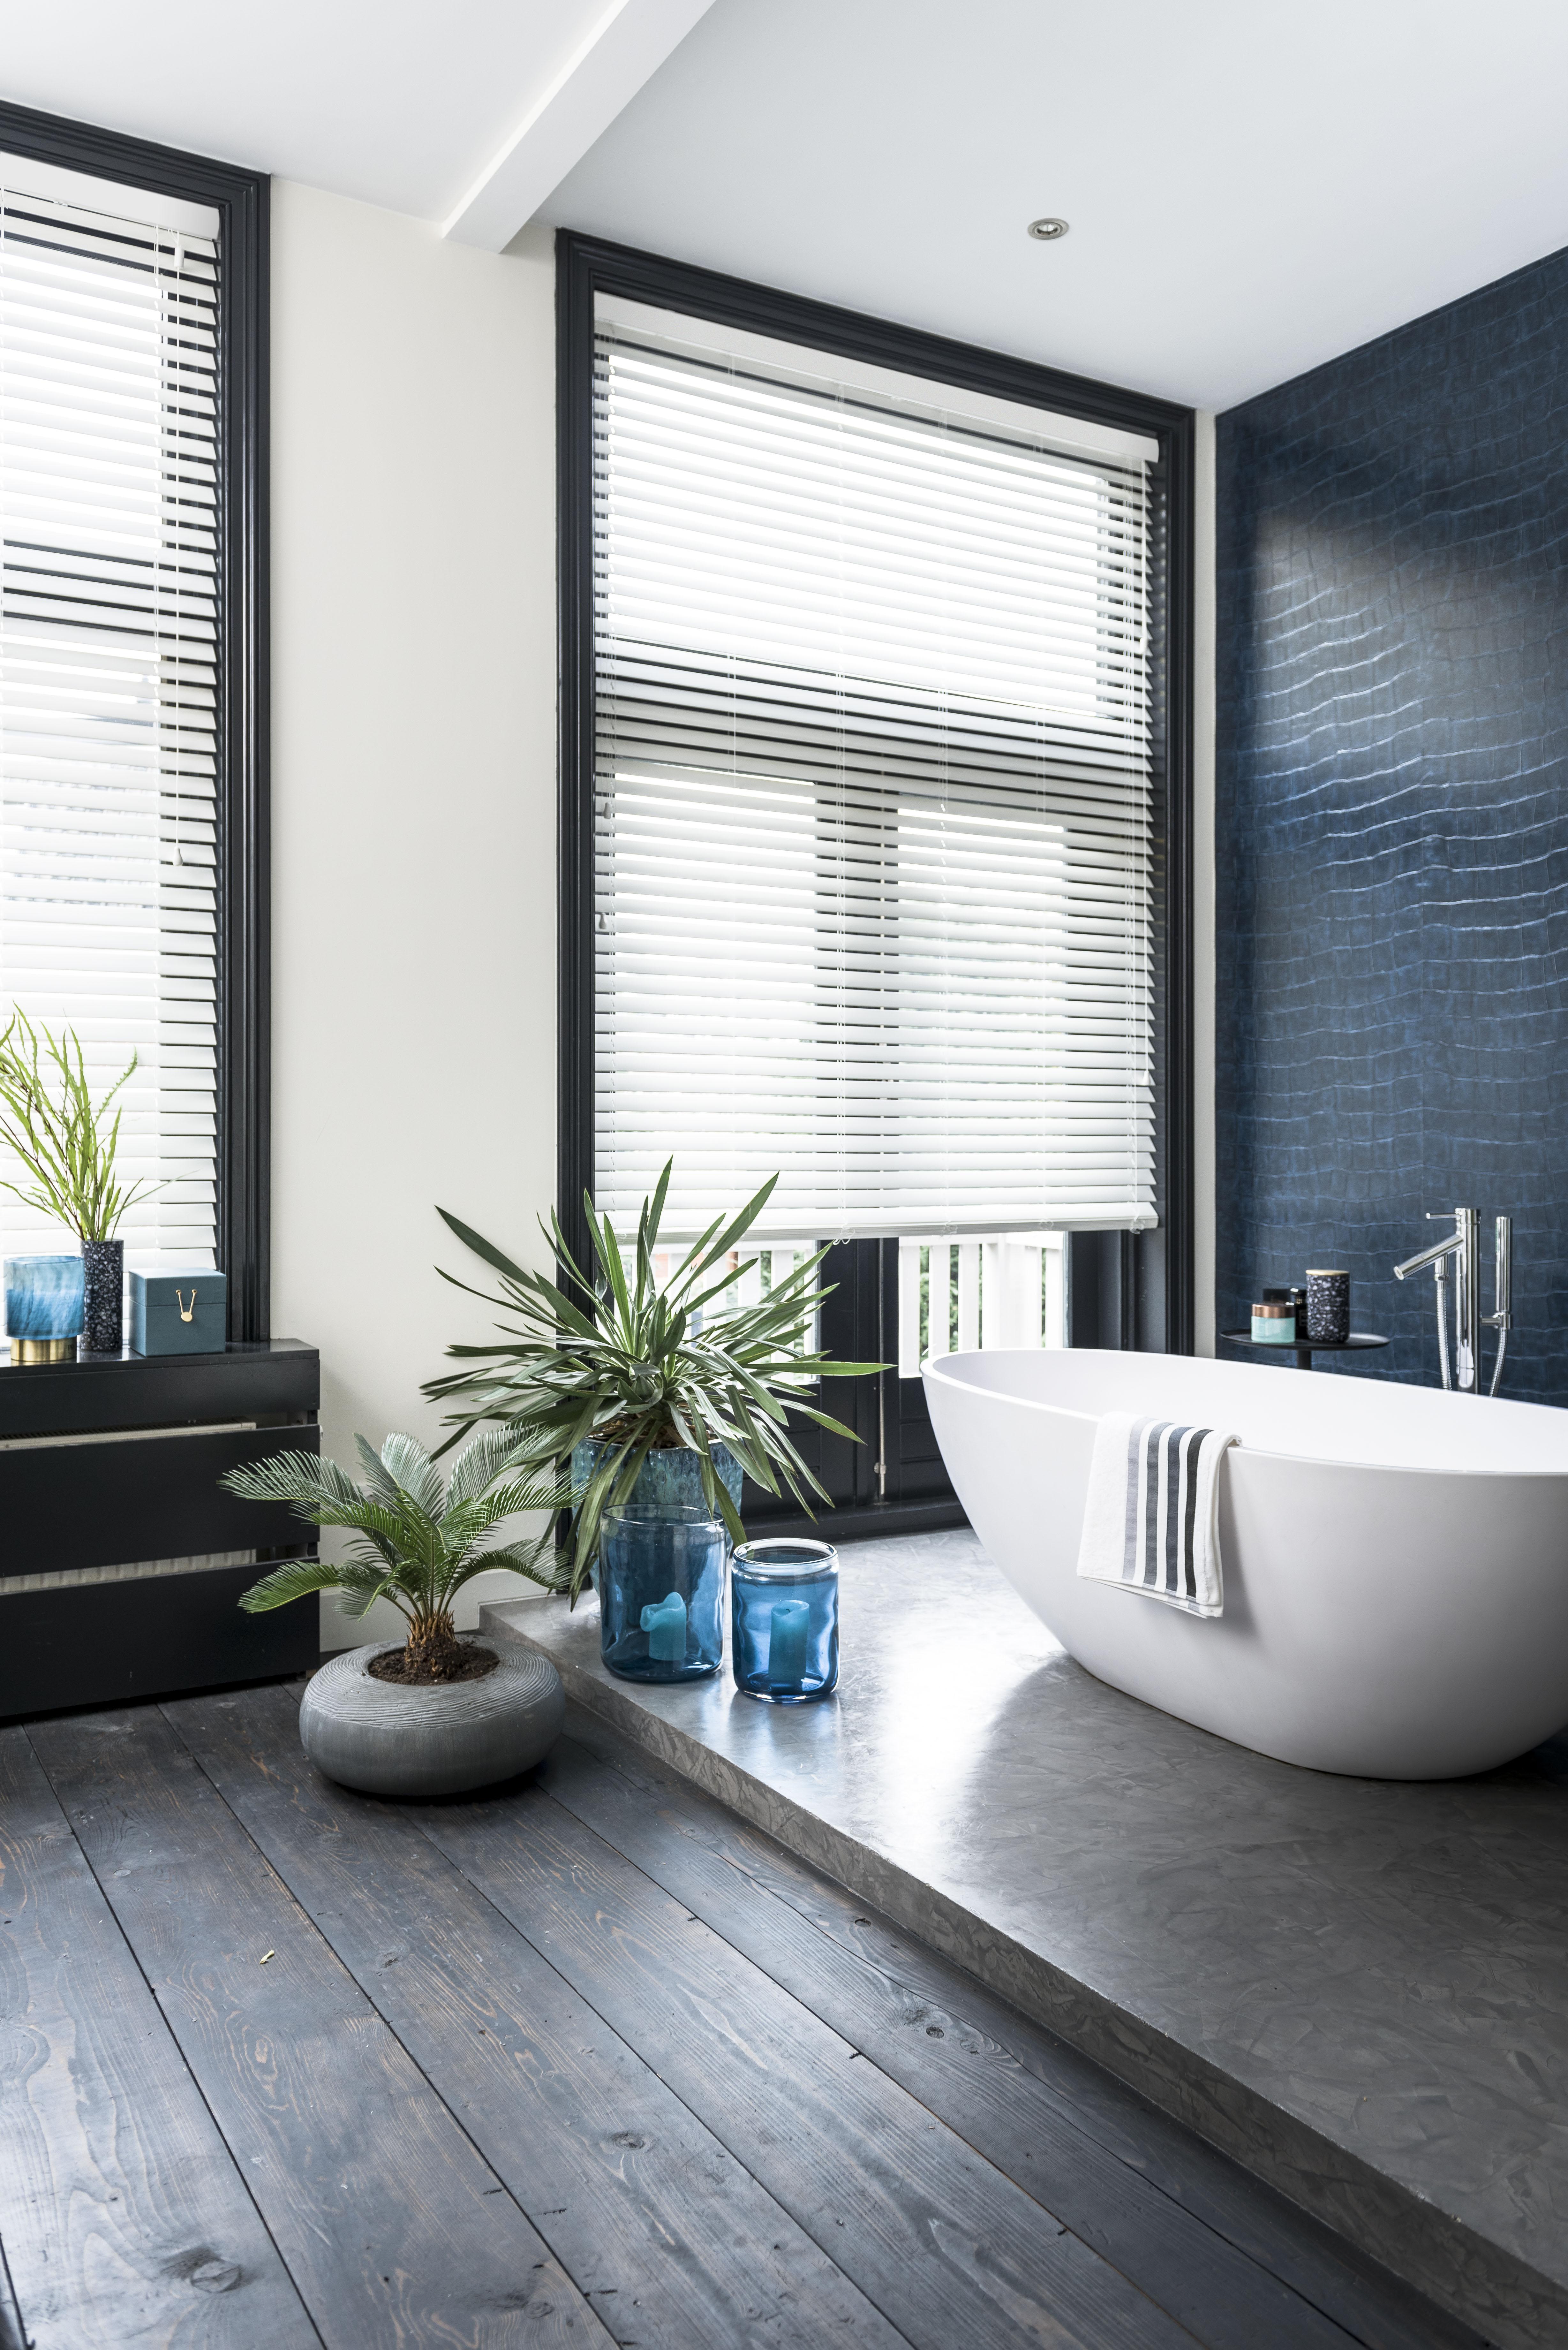 Inspiratie: Houten jaloezieën in de badkamer | INHUIS Plaza